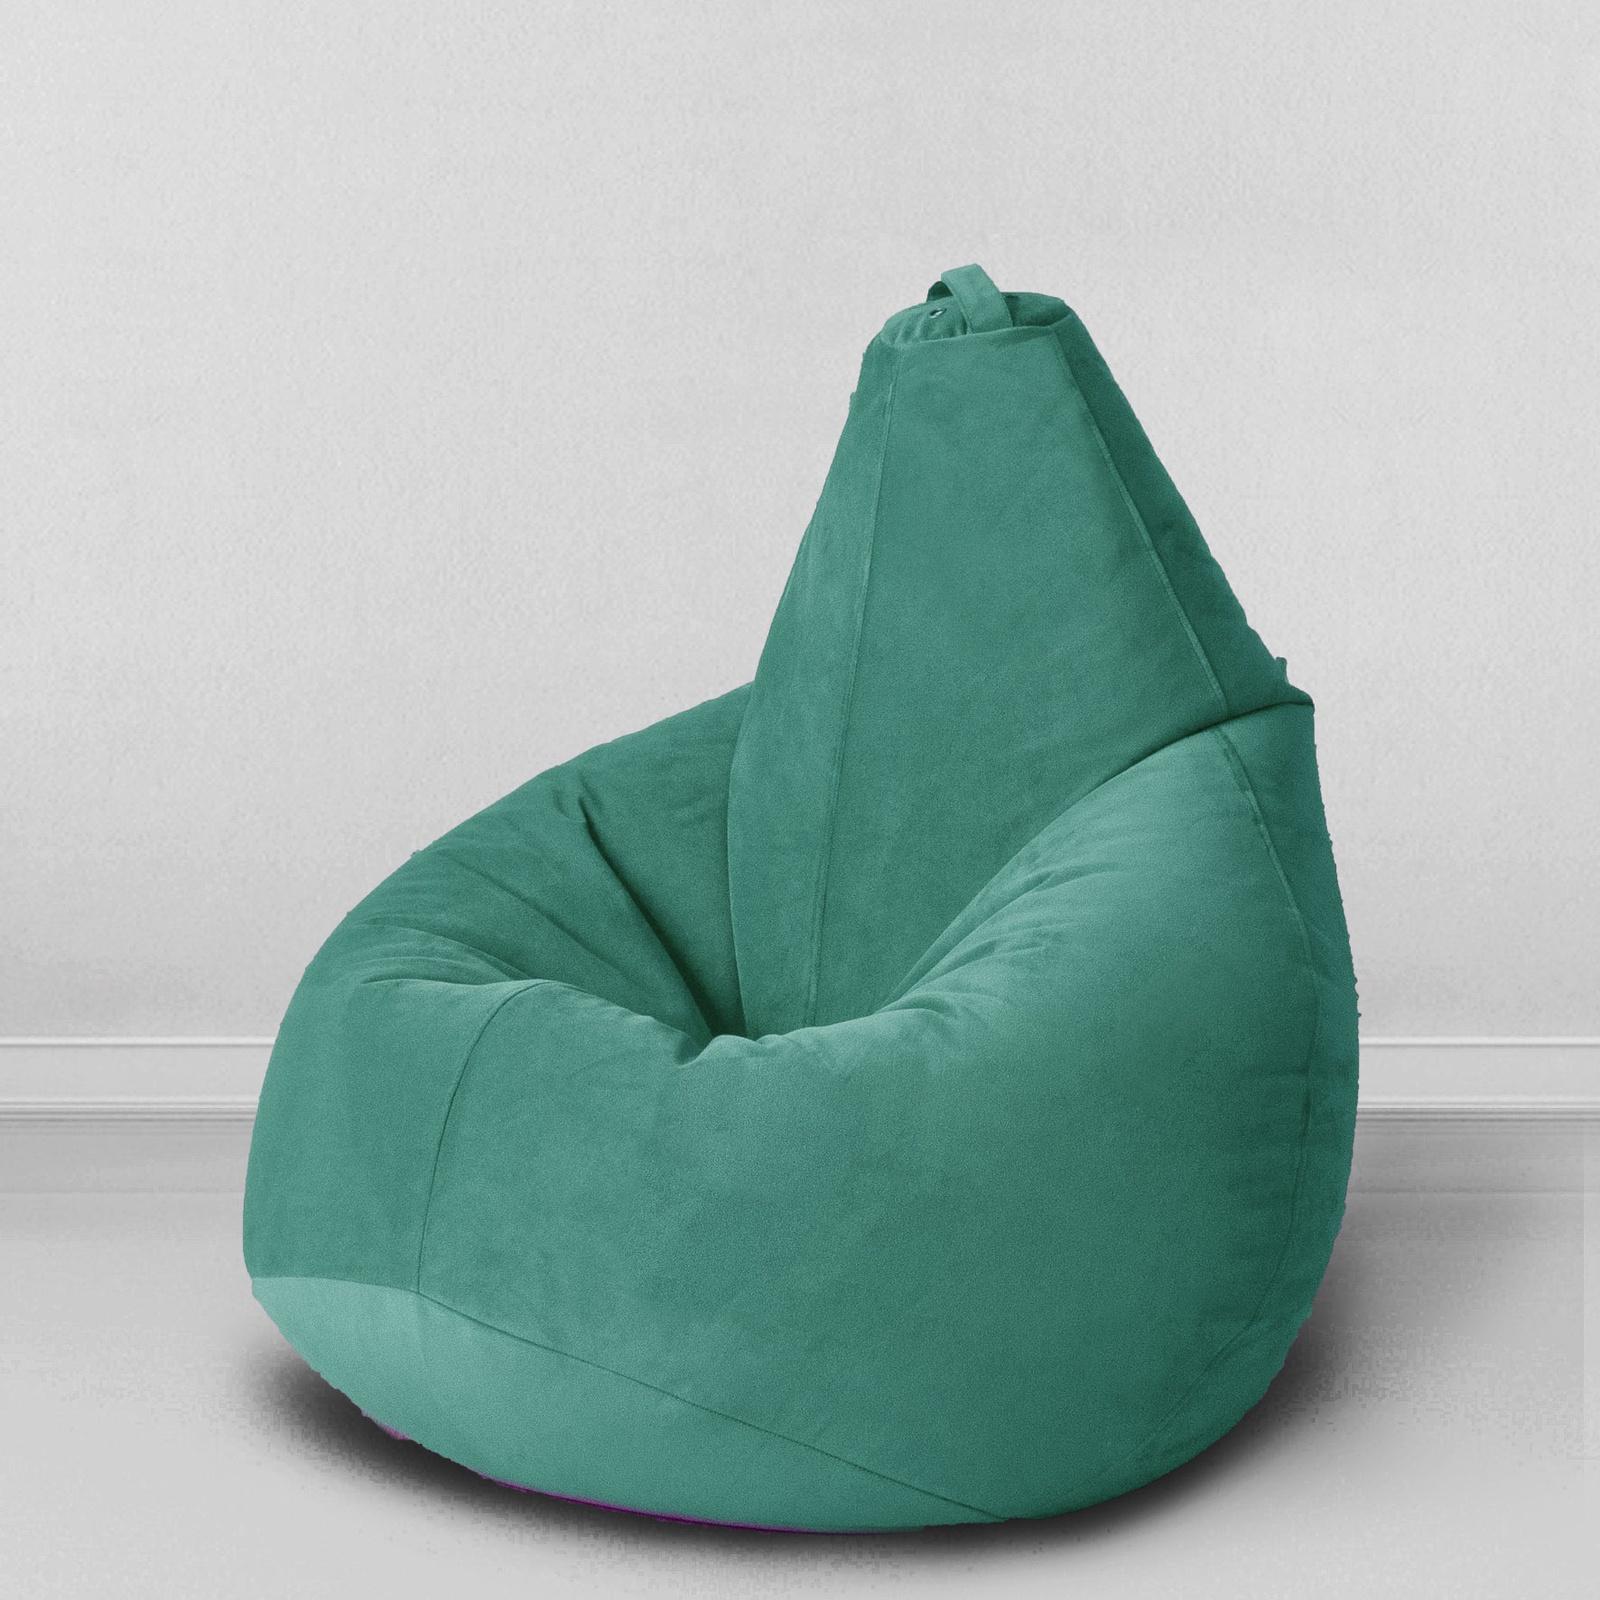 """Кресло-мешок MyPuff груша XXL, темно-зеленыйb_537Это пуф среднего, универсального XXL размера: подойдет и взрослому, и ребенку. Такие пуфы очень удобны, и в то же время, они не громоздкие. Сиденье и спинка достаточно высокие, чтобы взрослый человек занял комфортное положение.Материал внешнего чехла: мебельный хлопок (30% хлопок, 70% полиэстер).Внутренний мешок: на молнии для самостоятельного пополнения мешка гранулами.Система M-LOCK: защита от открытия детьми.Важно! Наполнитель: мелкая гранула пенополистерола диаметром 1-3 мм. Такой наполнитель очень мягкий, не чувствуется при использовании; кресло не """"скрипит"""" и практически не усаживается. А это значит, что Вам очень нескоро понадобится досыпать такое кресло мешок, или вообще не понадобится.Уход: внешний чехол можно стирать при температуре 30 градусов в режиме деликатной стирки.* Цвета изделий на сайте могут незначительно отличаться от реальных из-за особенностей цветопередачи монитора (это зависит от настроек Вашего устройства)."""